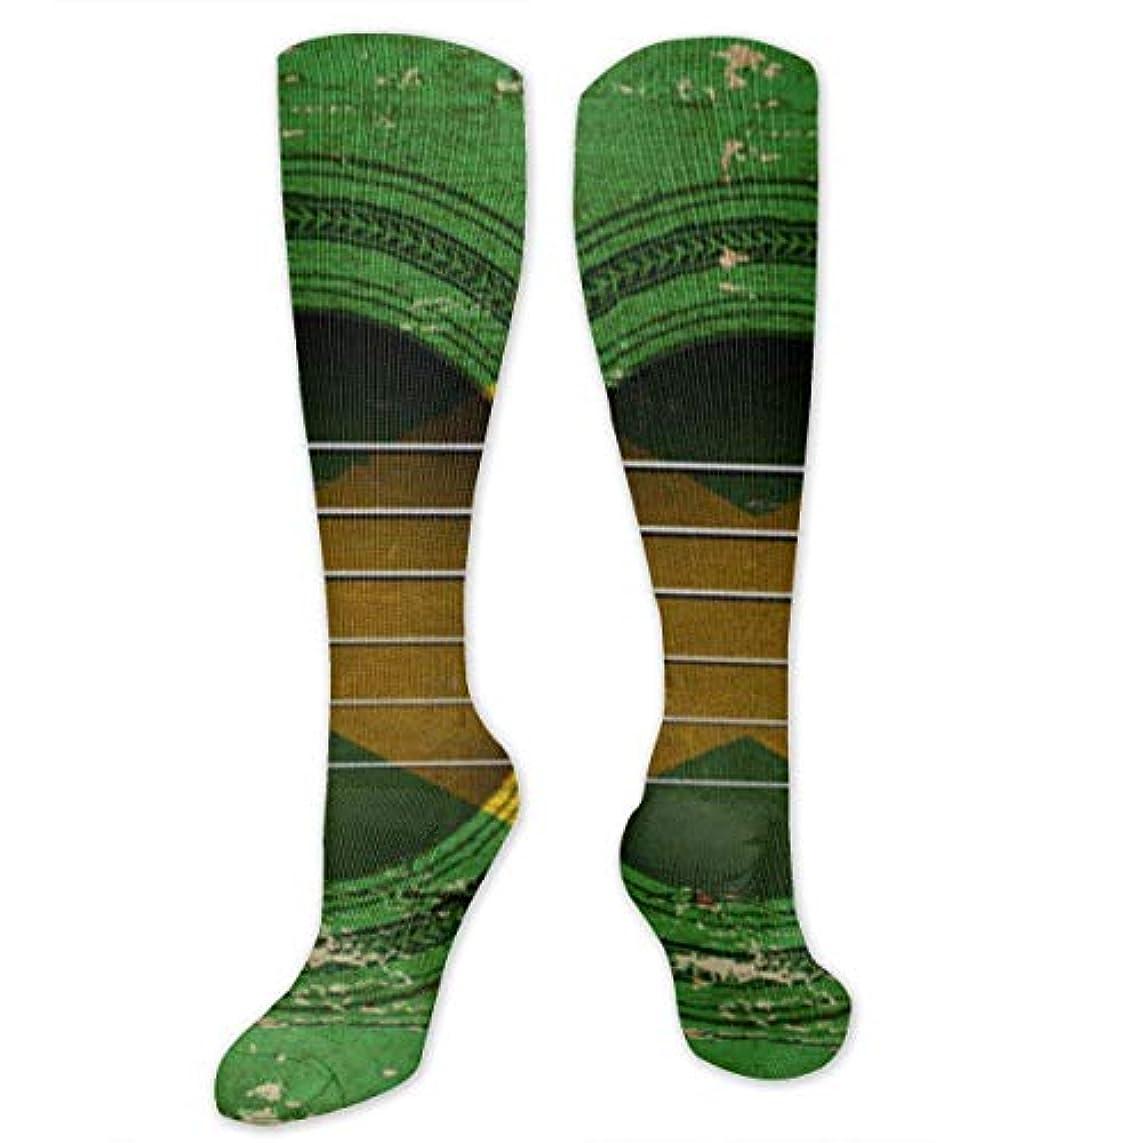 通訳損傷さわやか靴下,ストッキング,野生のジョーカー,実際,秋の本質,冬必須,サマーウェア&RBXAA Old Acoustic Guitar Socks Women's Winter Cotton Long Tube Socks Knee...